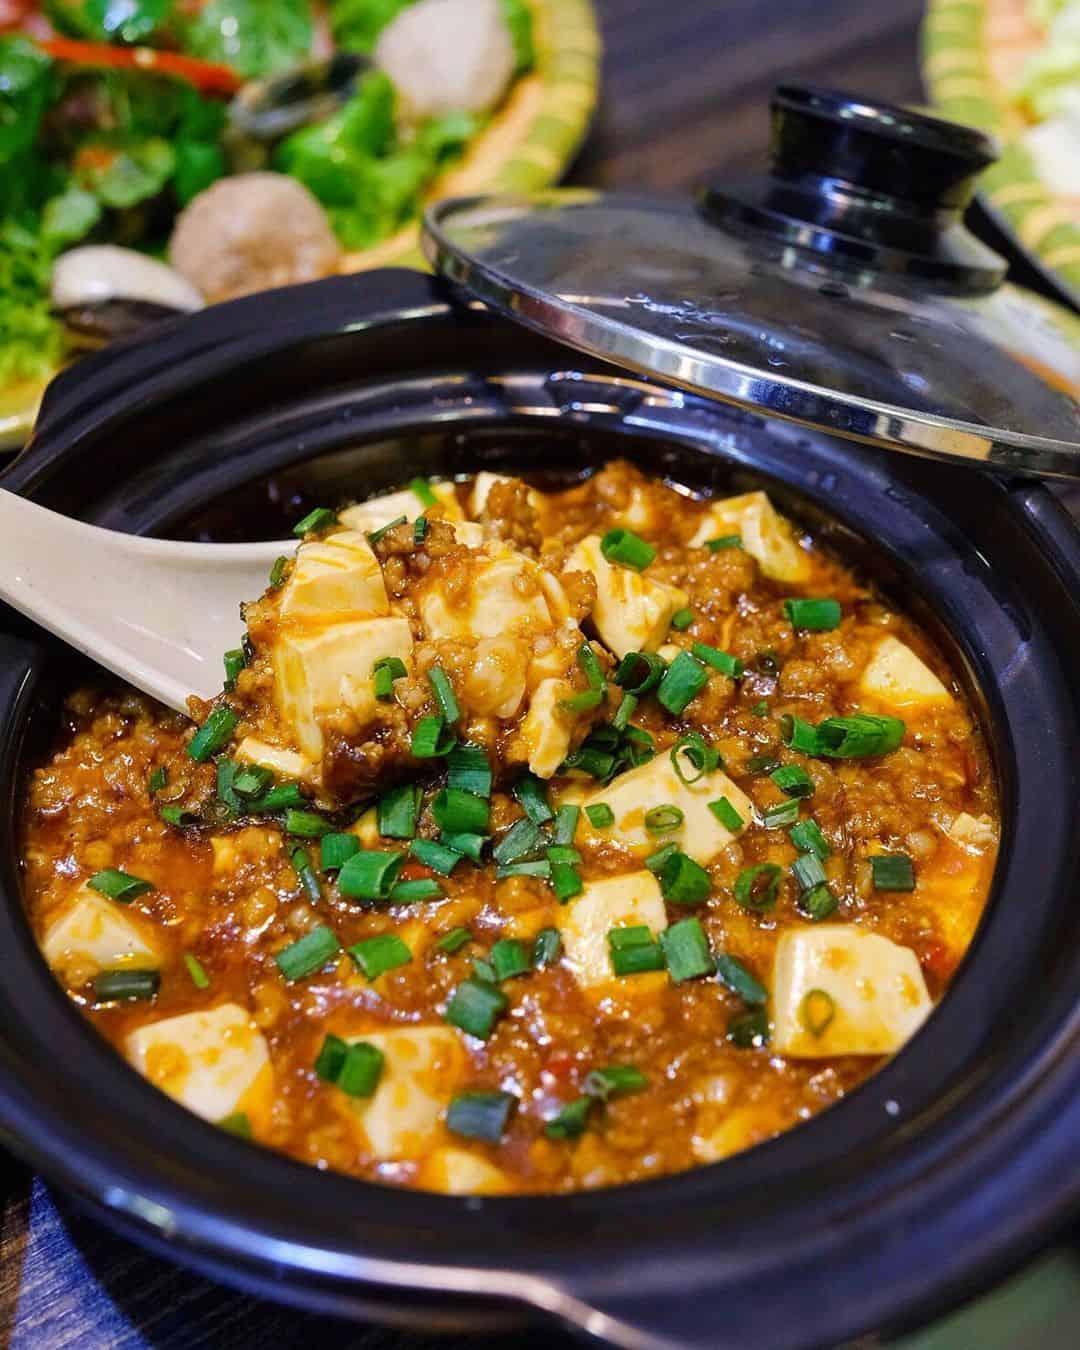 Quán ăn ngon Hà Nội